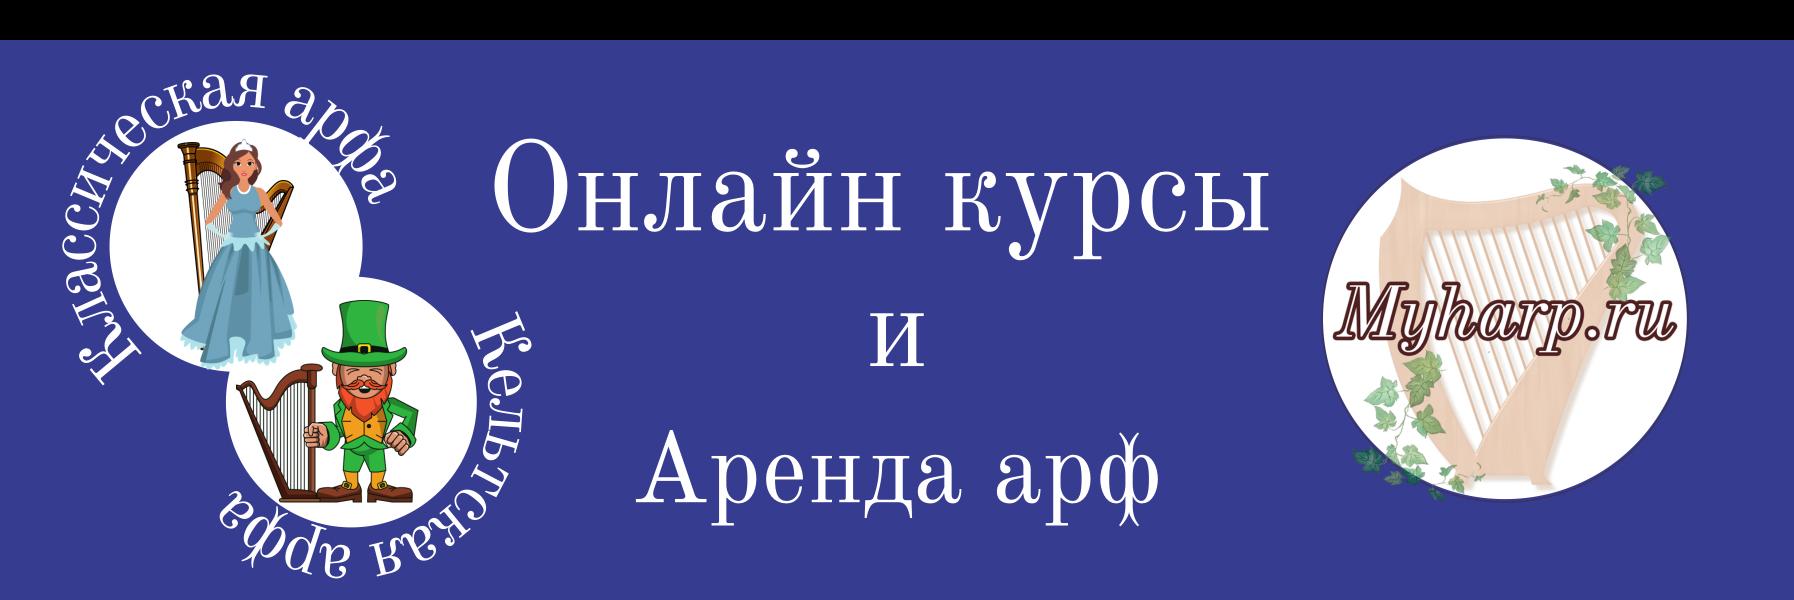 MyHarp